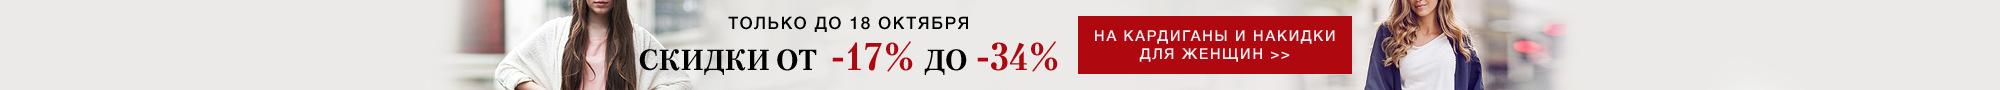 Скидки от -17% до -34% на Кардиганы и накидки для женщин